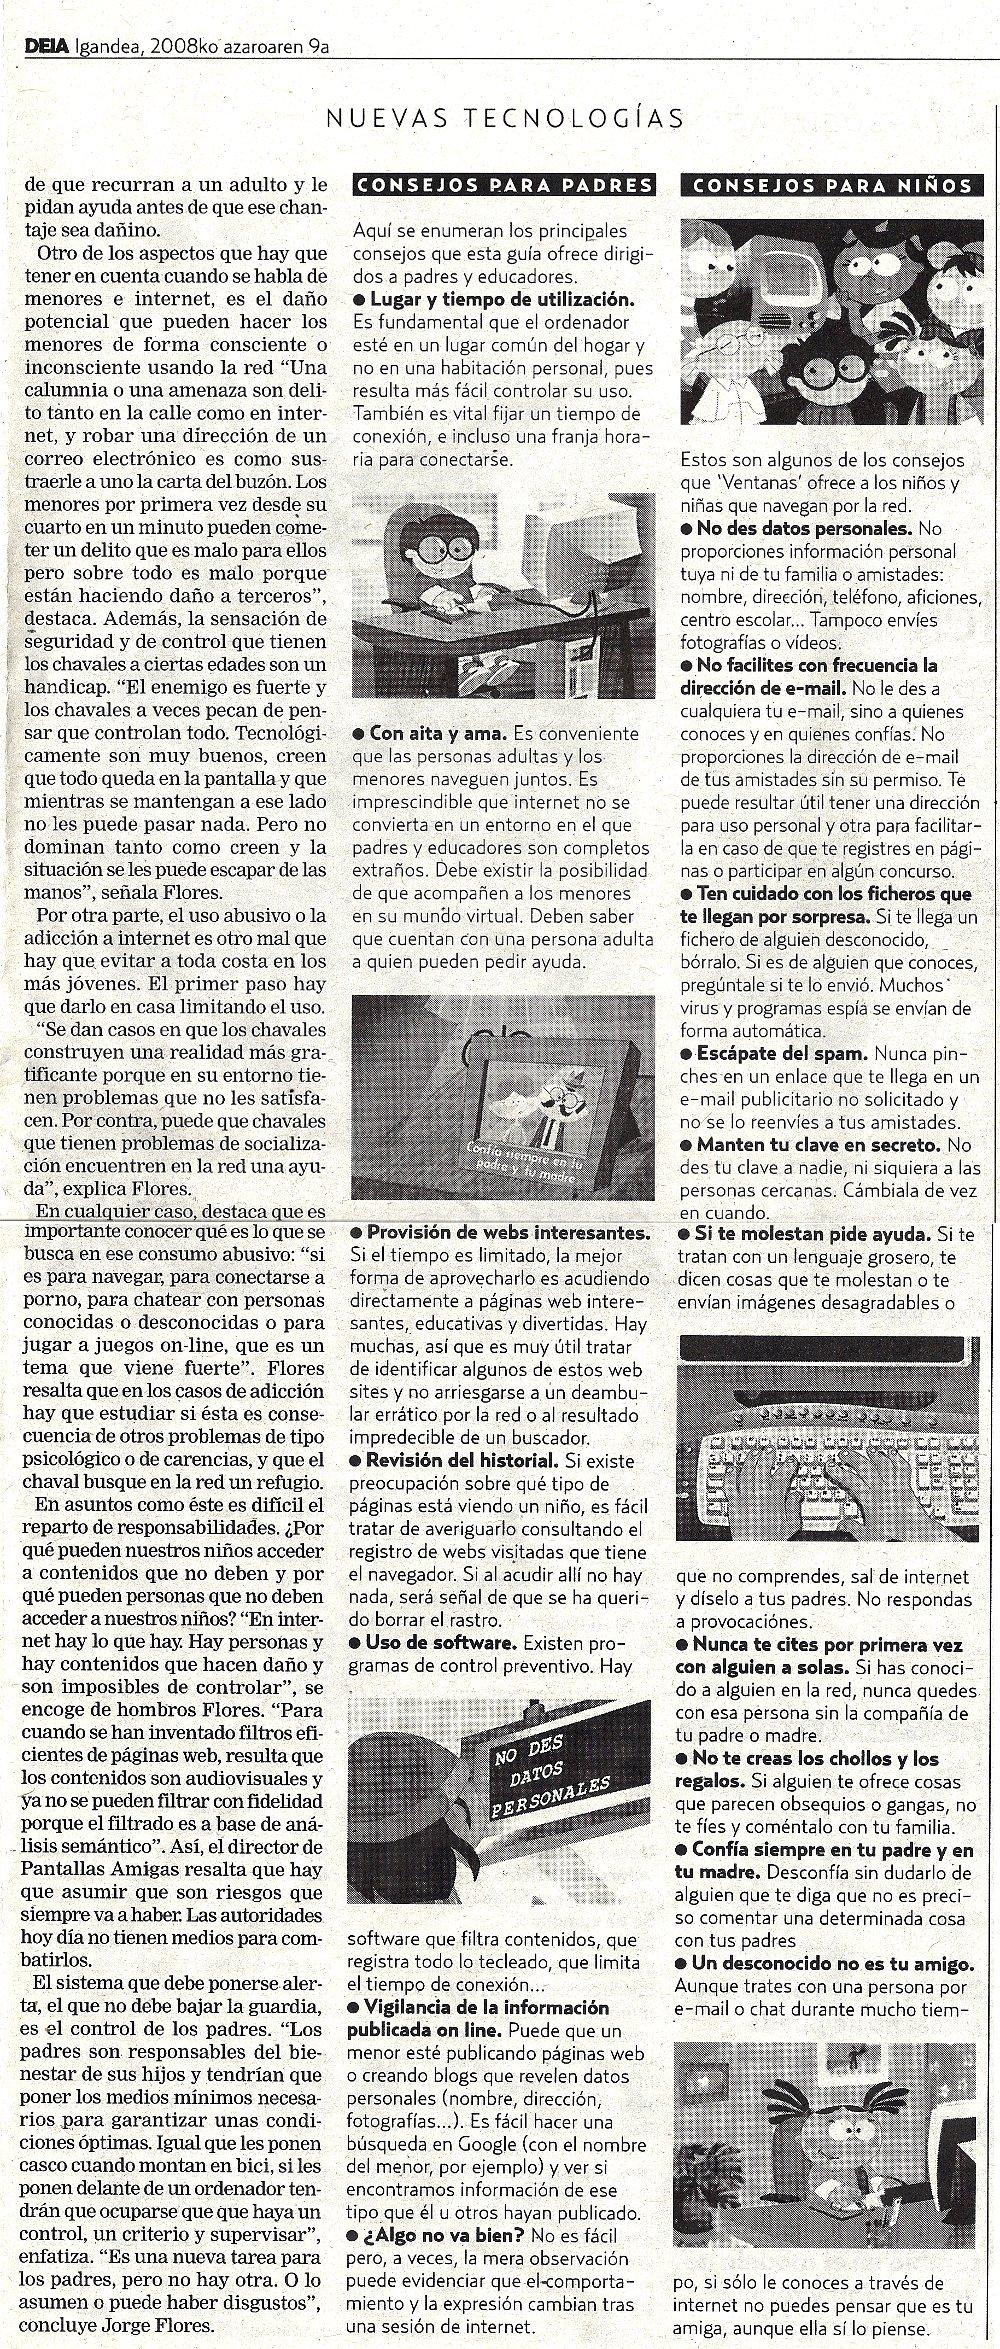 Internet y niños: combatir las sombras en la red (2)